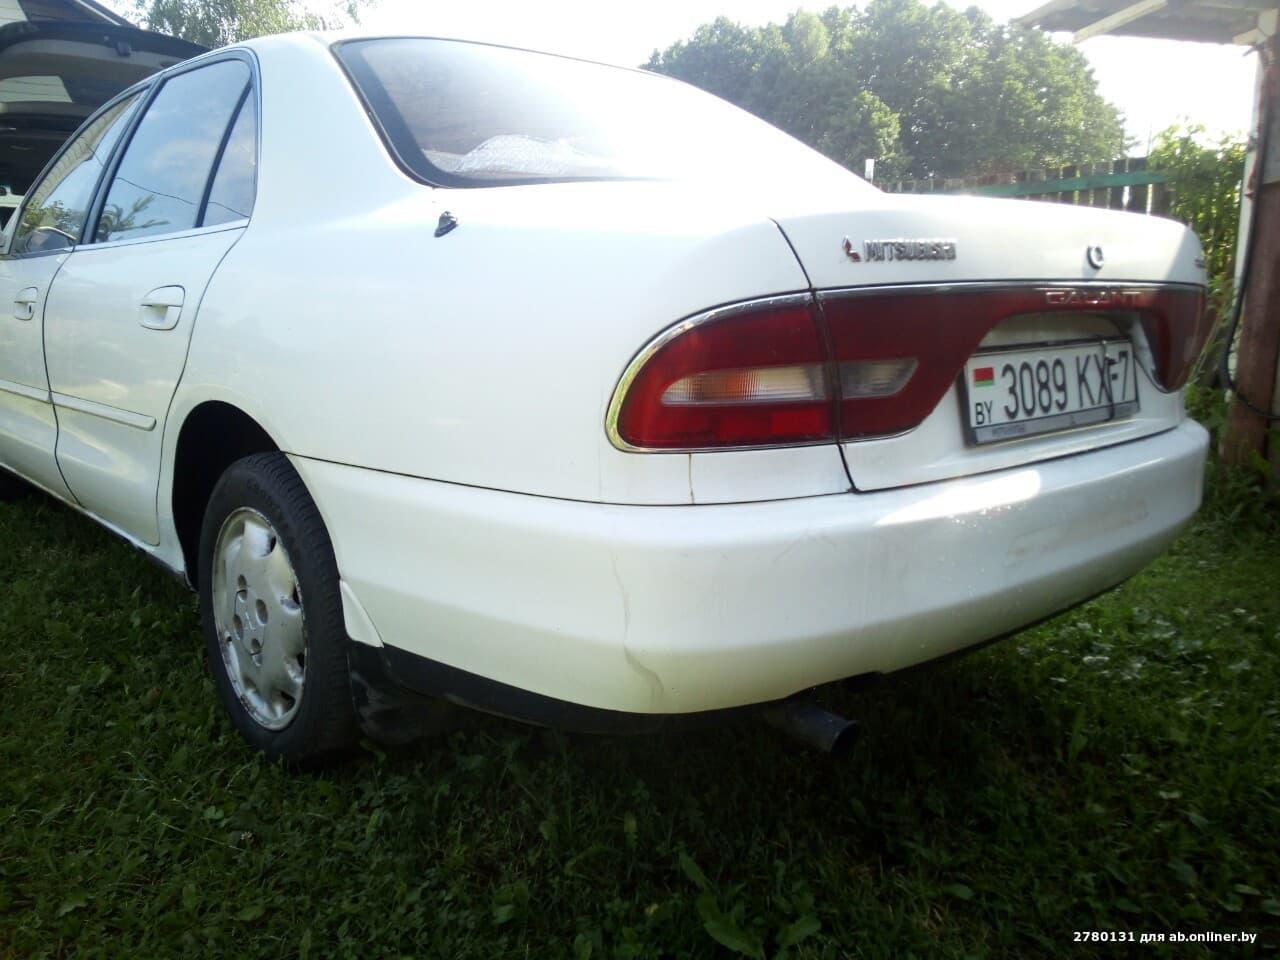 Mitsubishi Galant lx